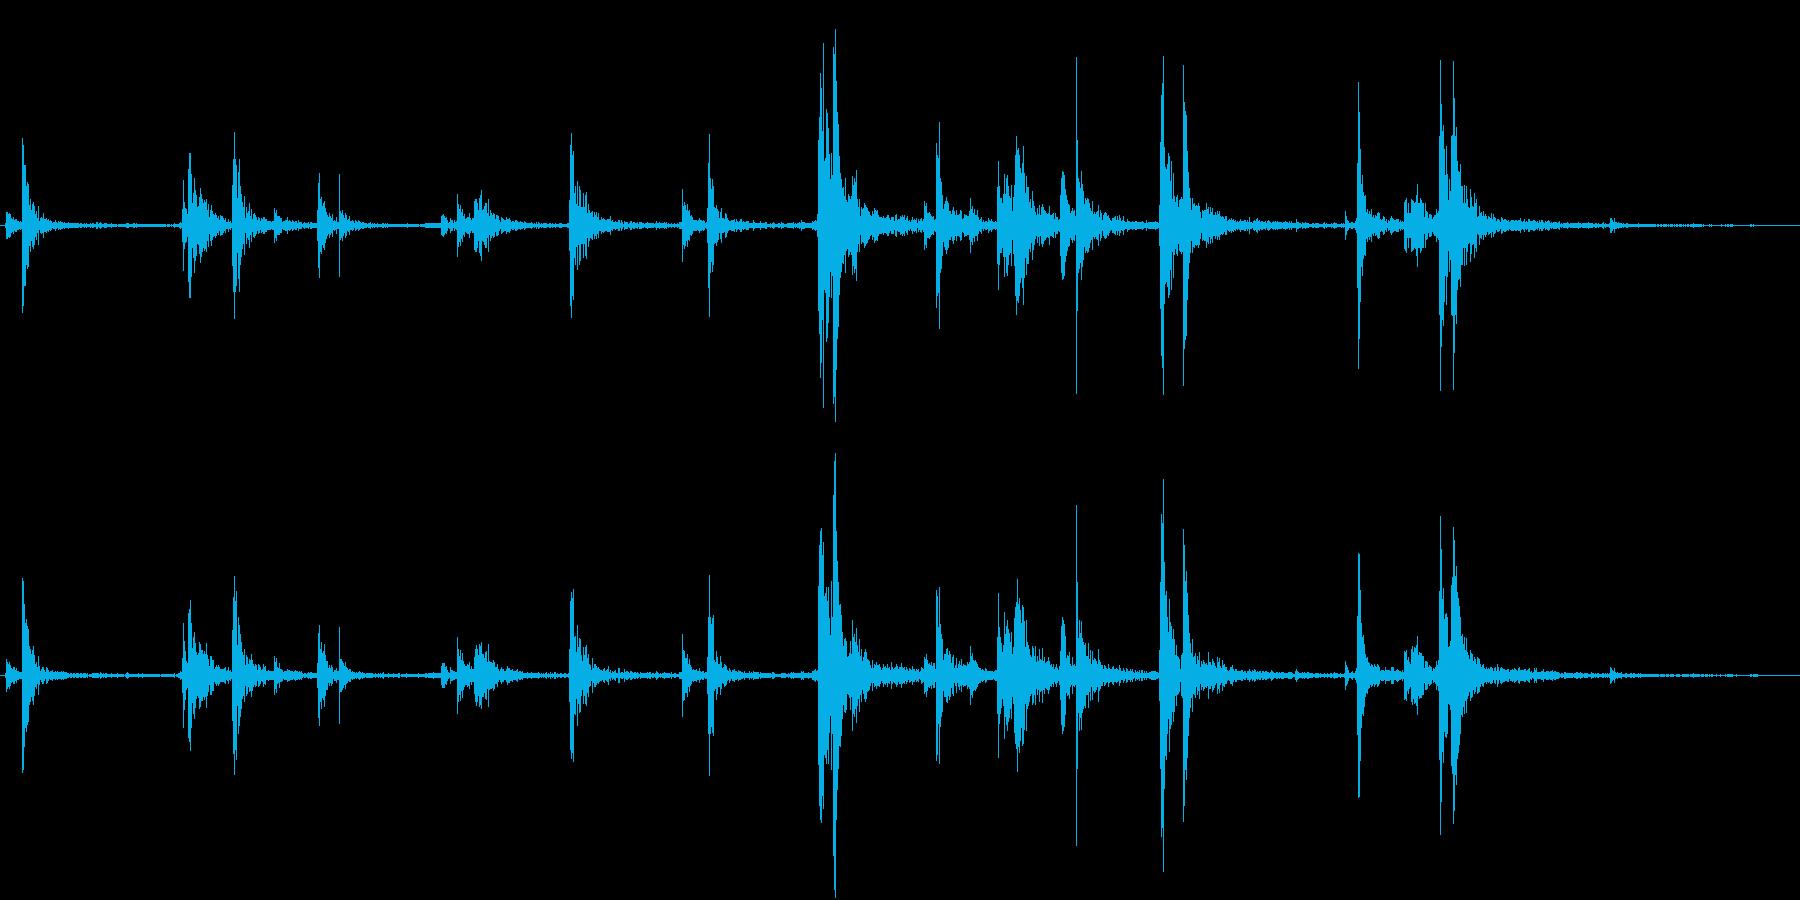 【生録音】弁当・惣菜パックの音 1の再生済みの波形